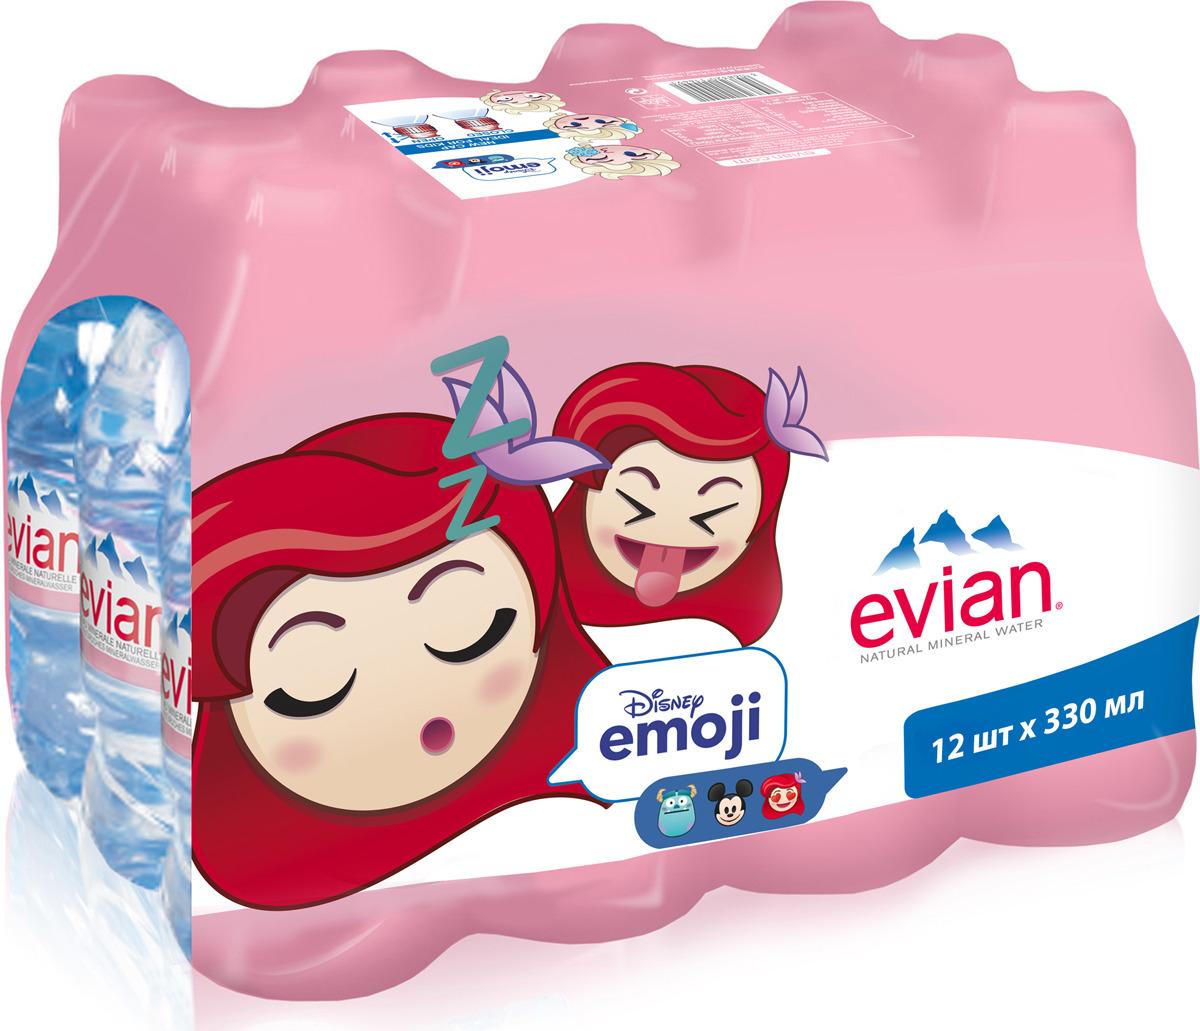 Вода Evian детская природного происхождения, 12 шт по 0,33 л